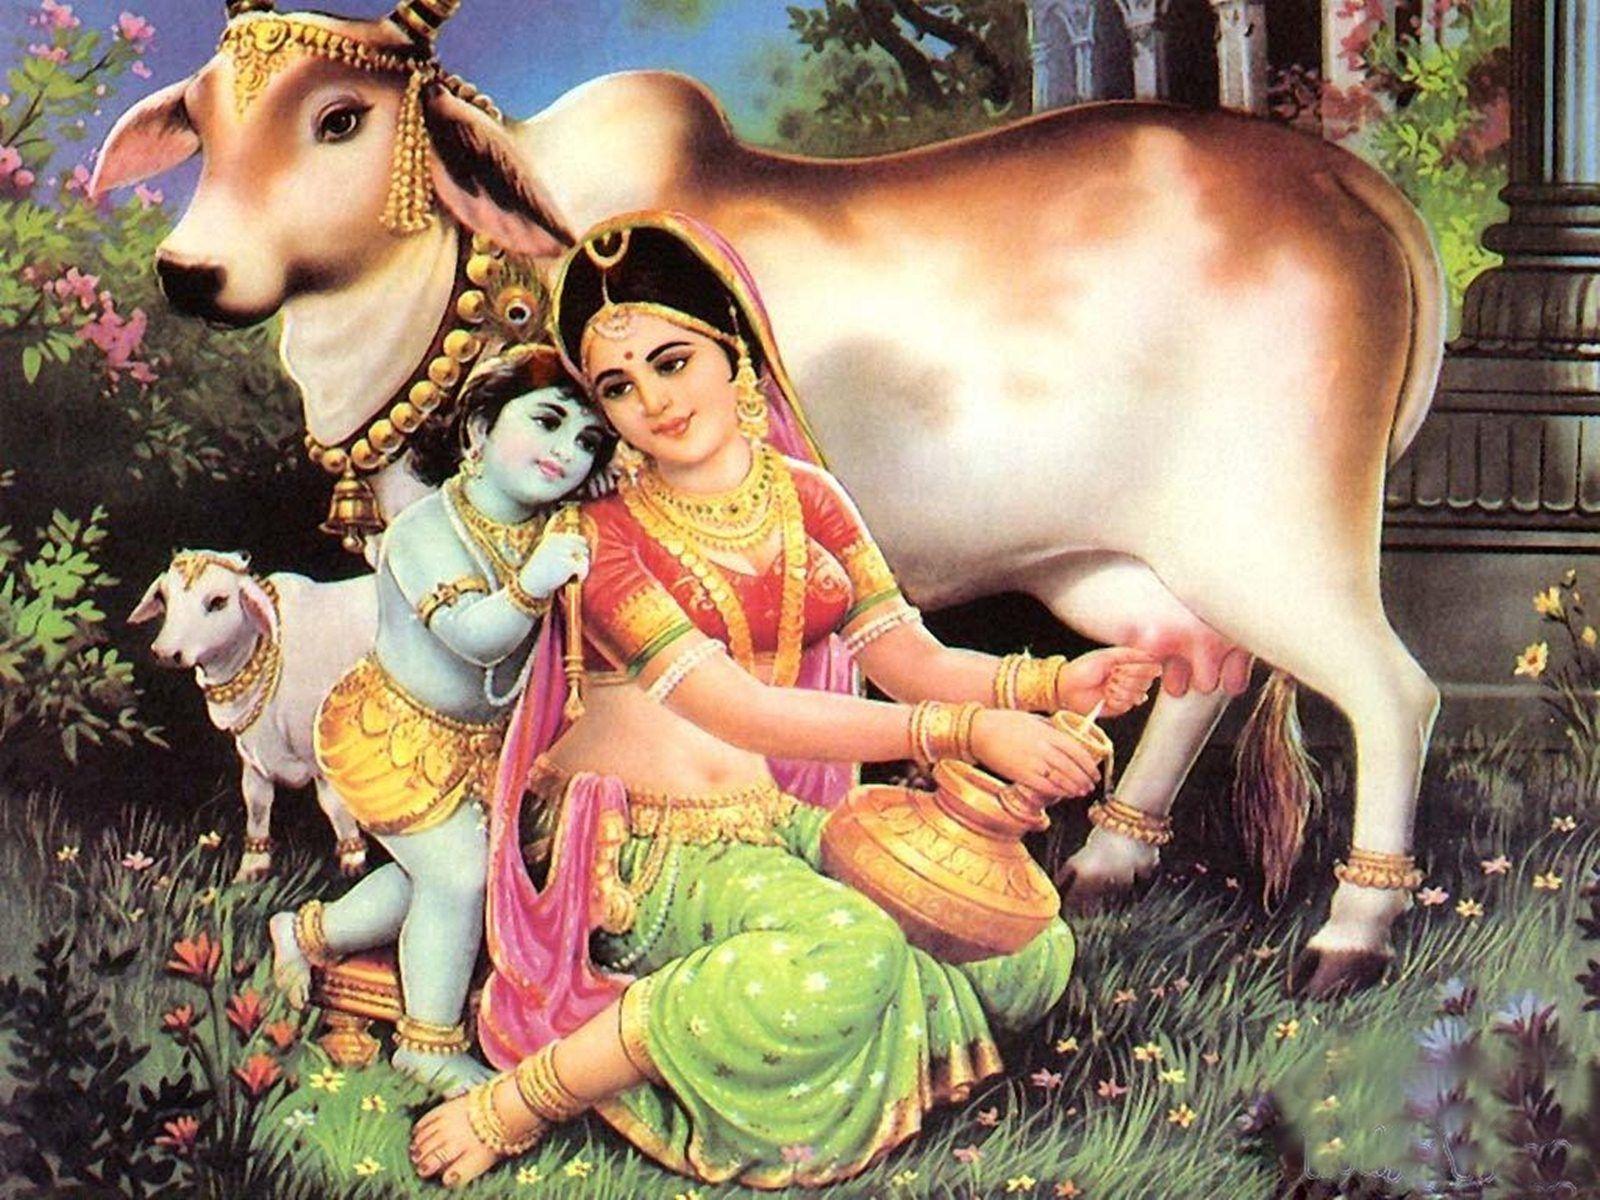 Lord shree bal krishna wallpaper beautiful hd wallpaper - Bal Krishna Wallpapers Group